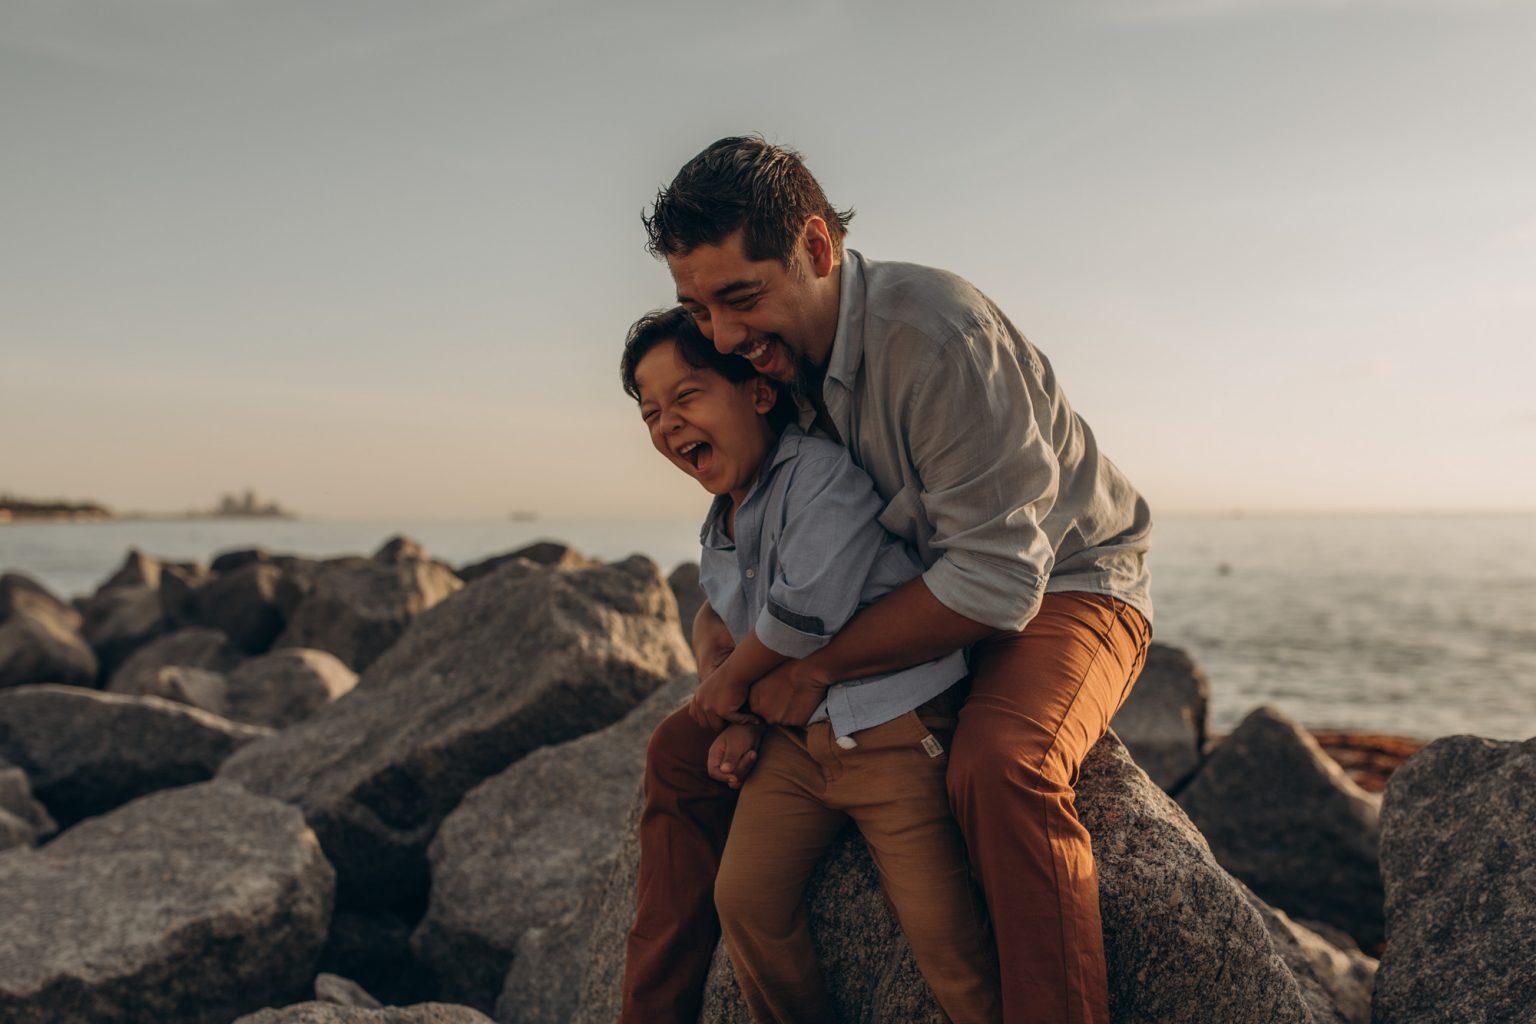 houston-family-photographer-florida-beach-session-254